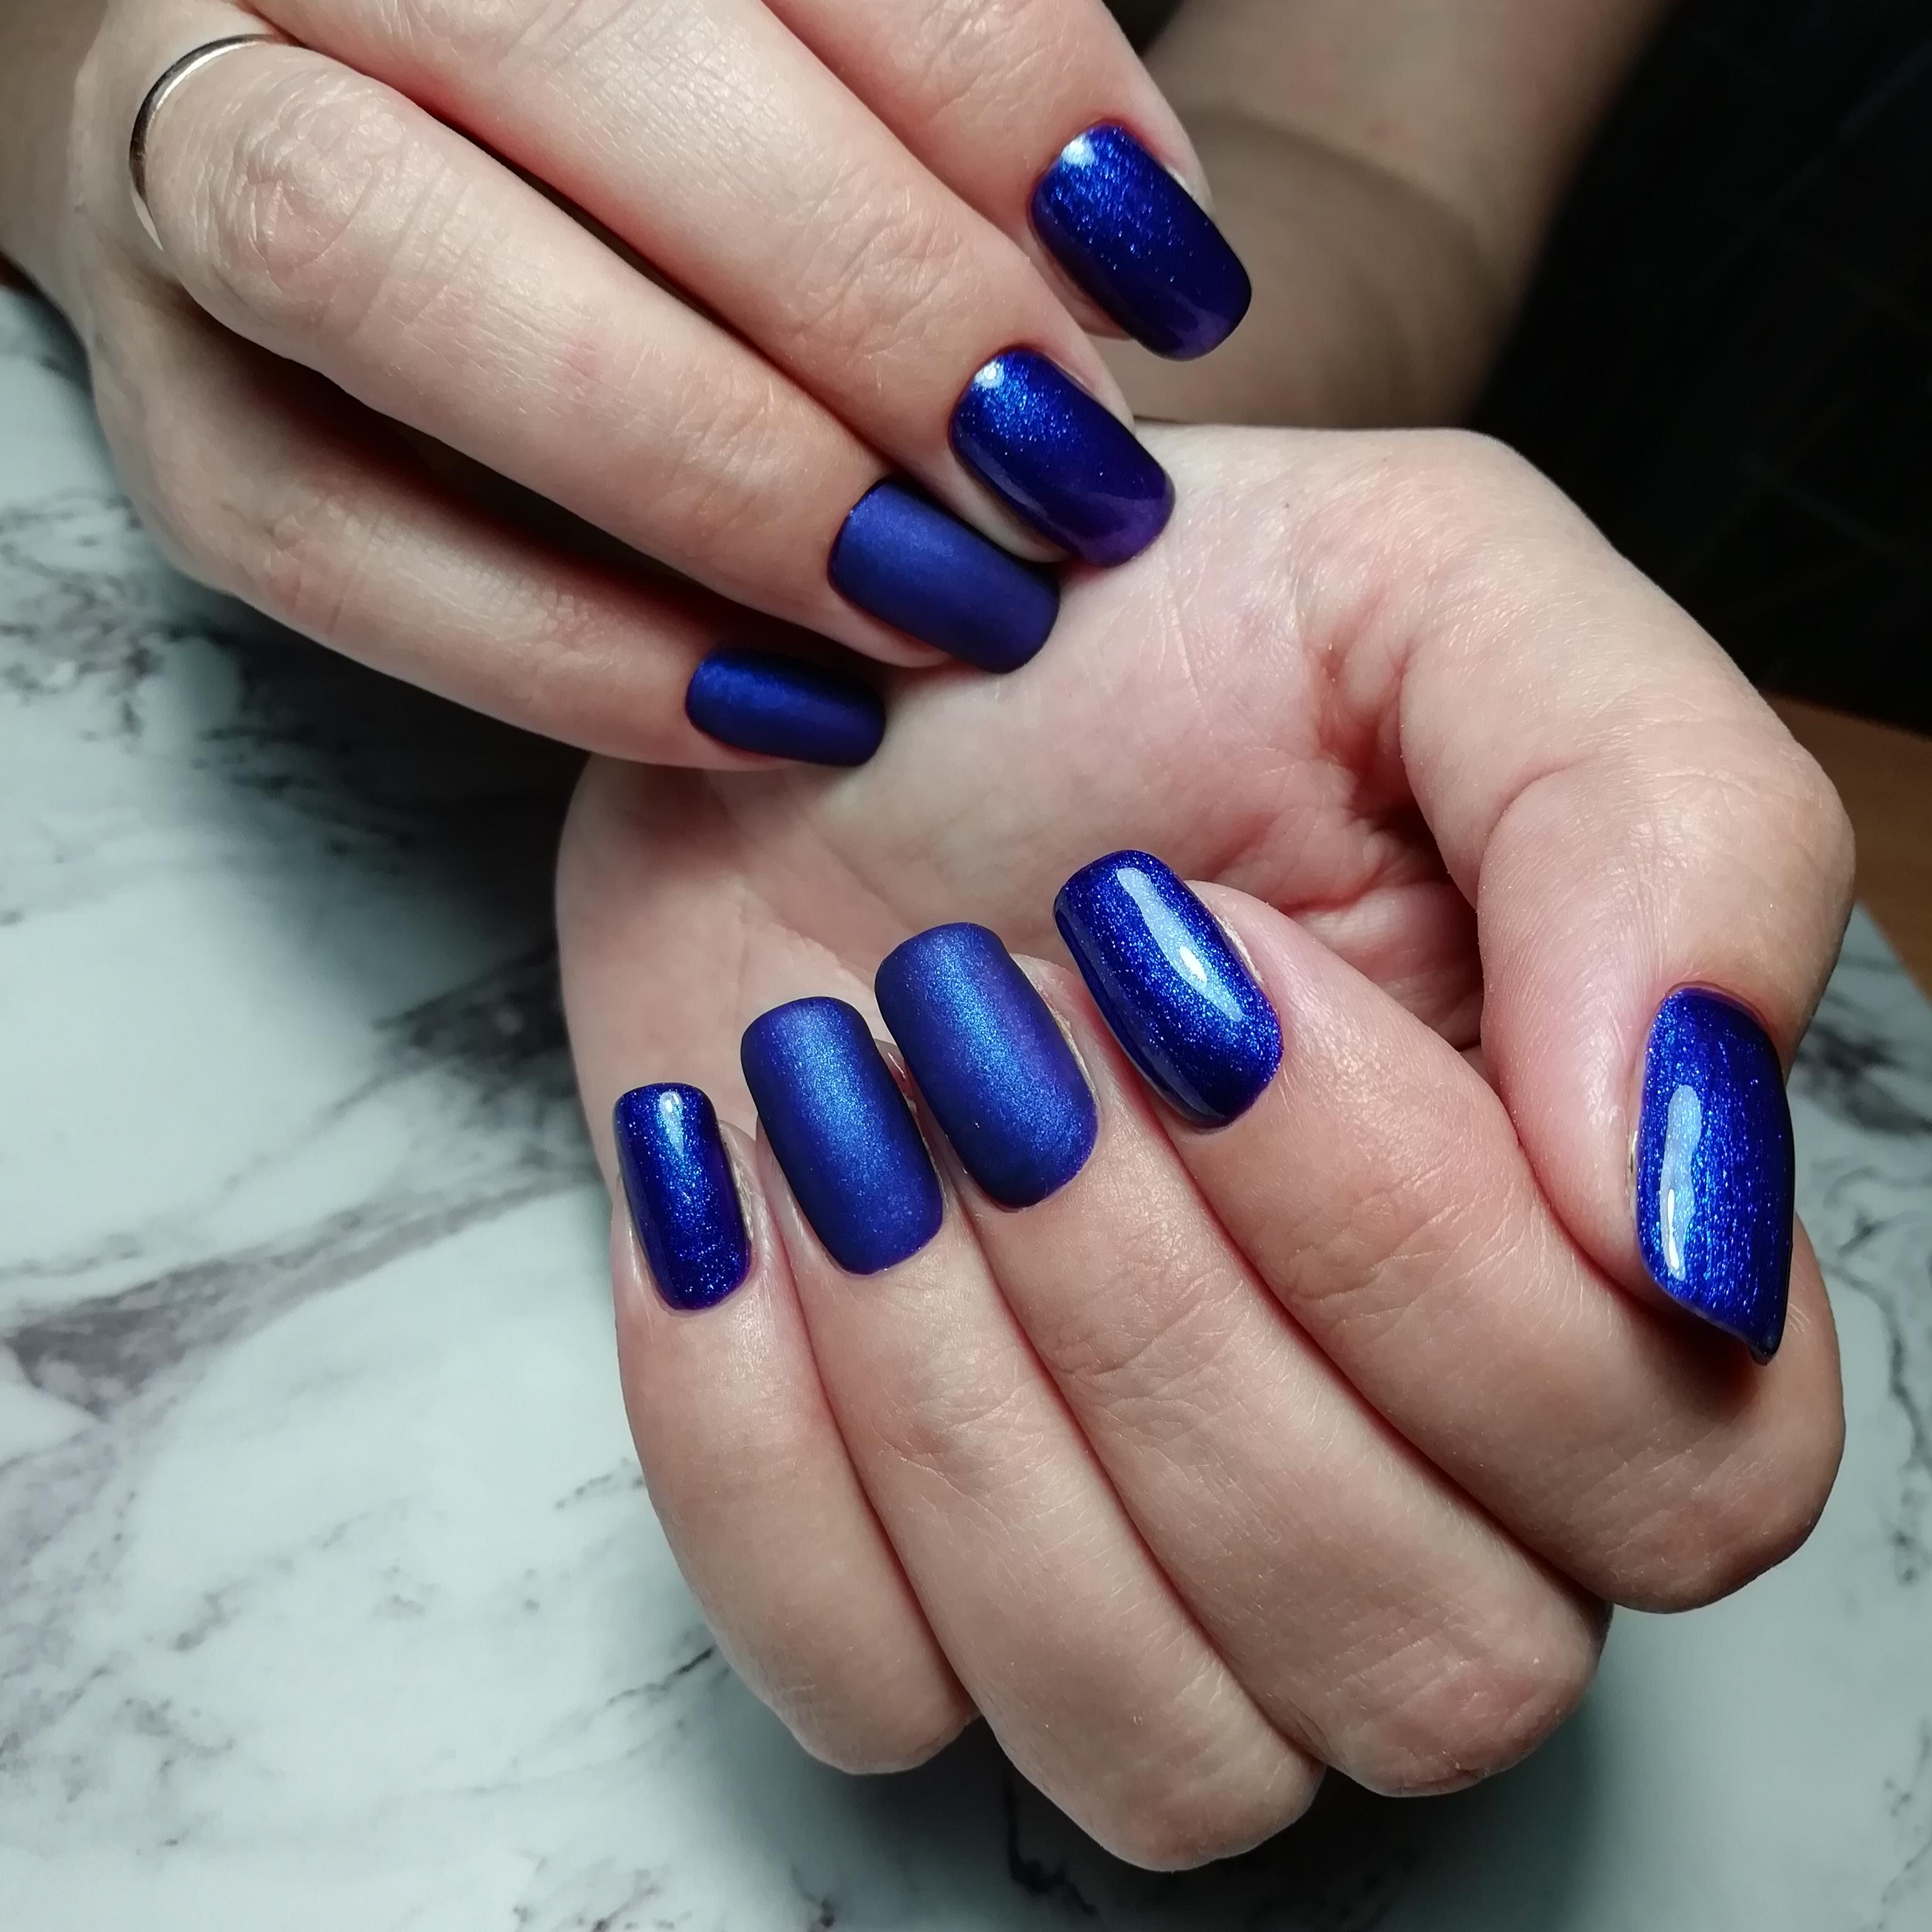 Маникюр в синем цвете на короткие ногти.